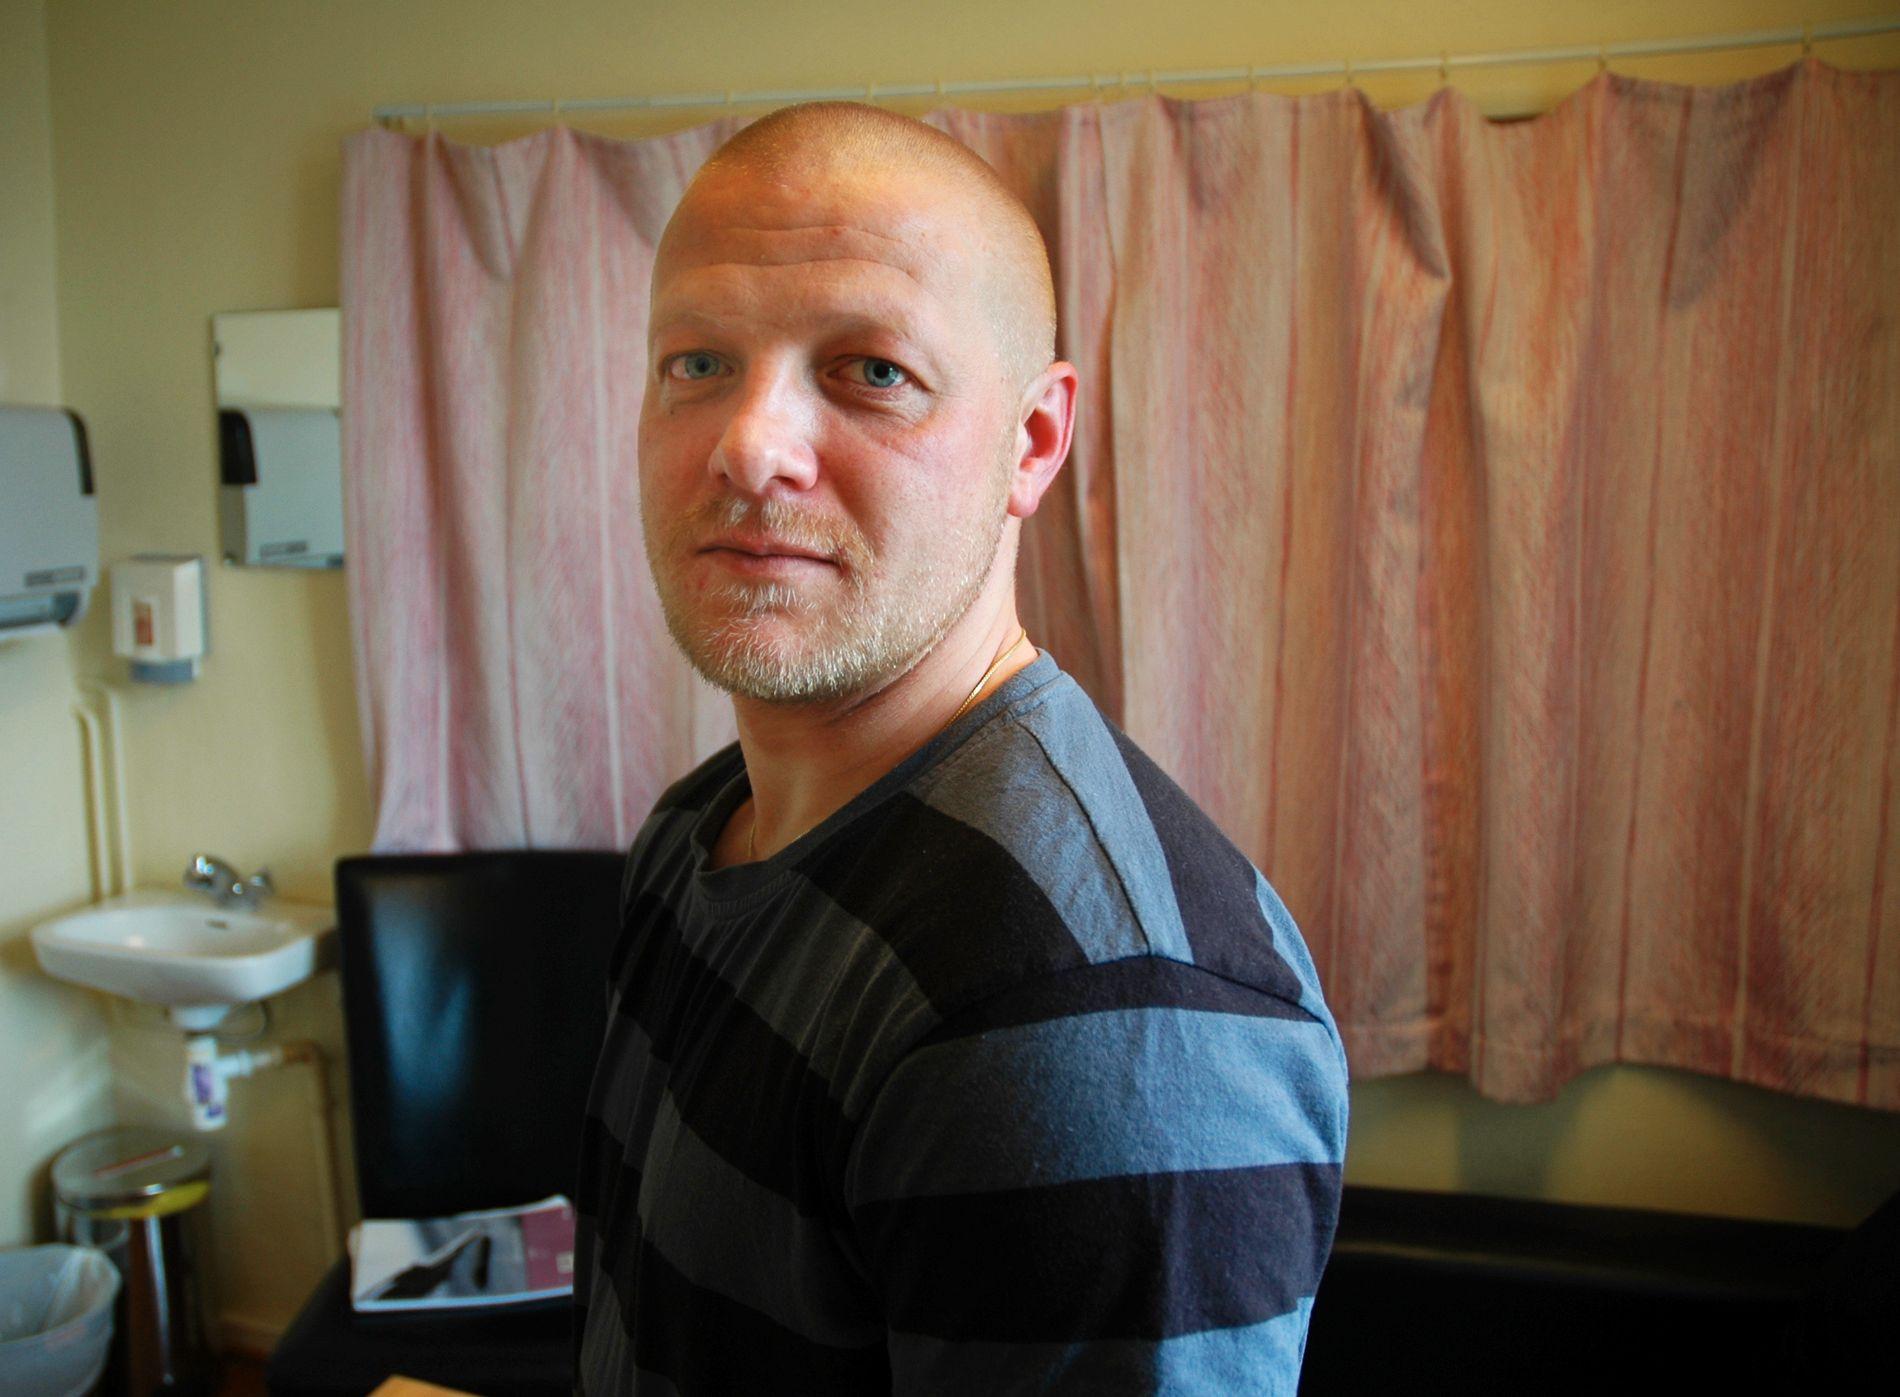 DRAPSDØMT: Viggo Kristiansen ble i 2002 dømt til 21 års forvaring for voldtekt og drap på to små jenter i Baneheia i Kristiansand den 19. mai 2000.